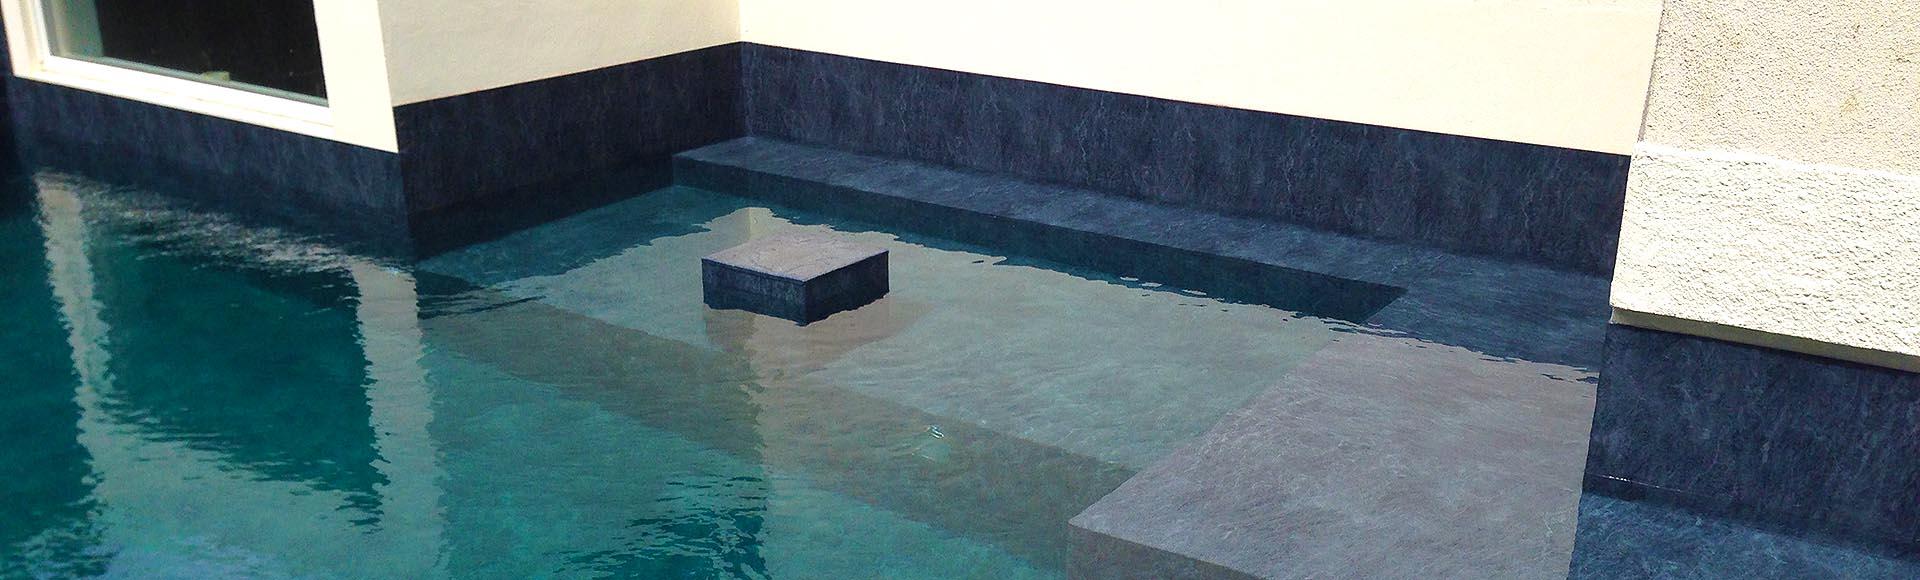 Vi bygger pooler i hela Skåne